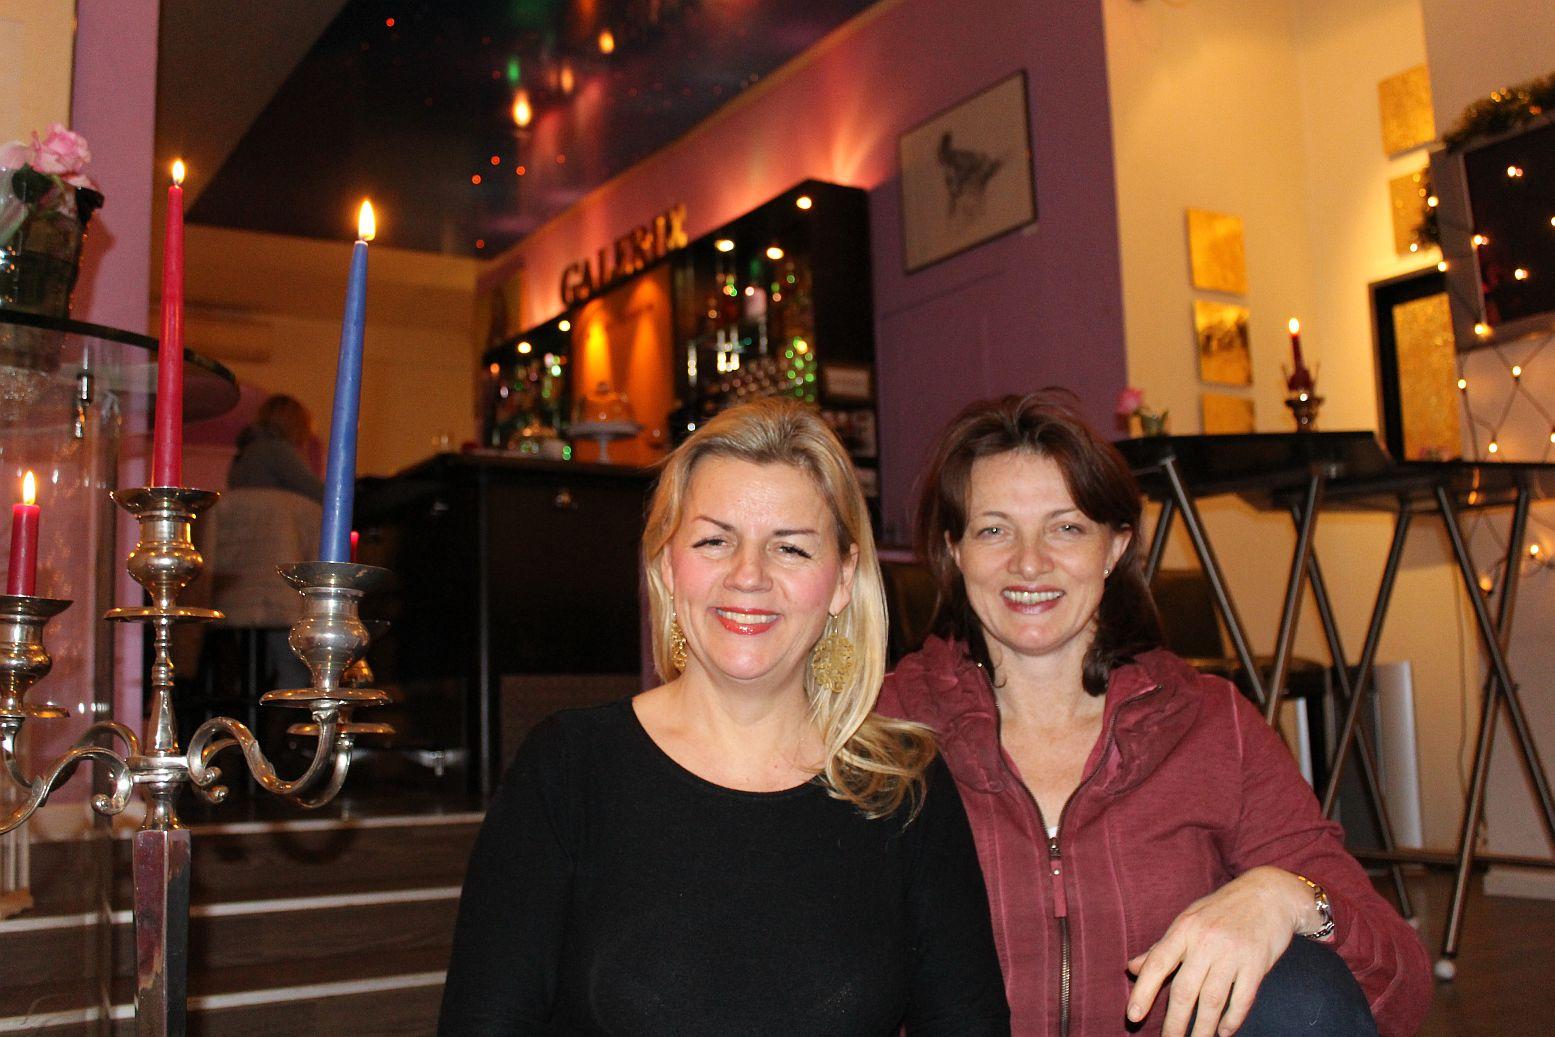 v.l. Micaela Reske (Art+Champagne-Bar) sowie Künstlerin Stella Krehl